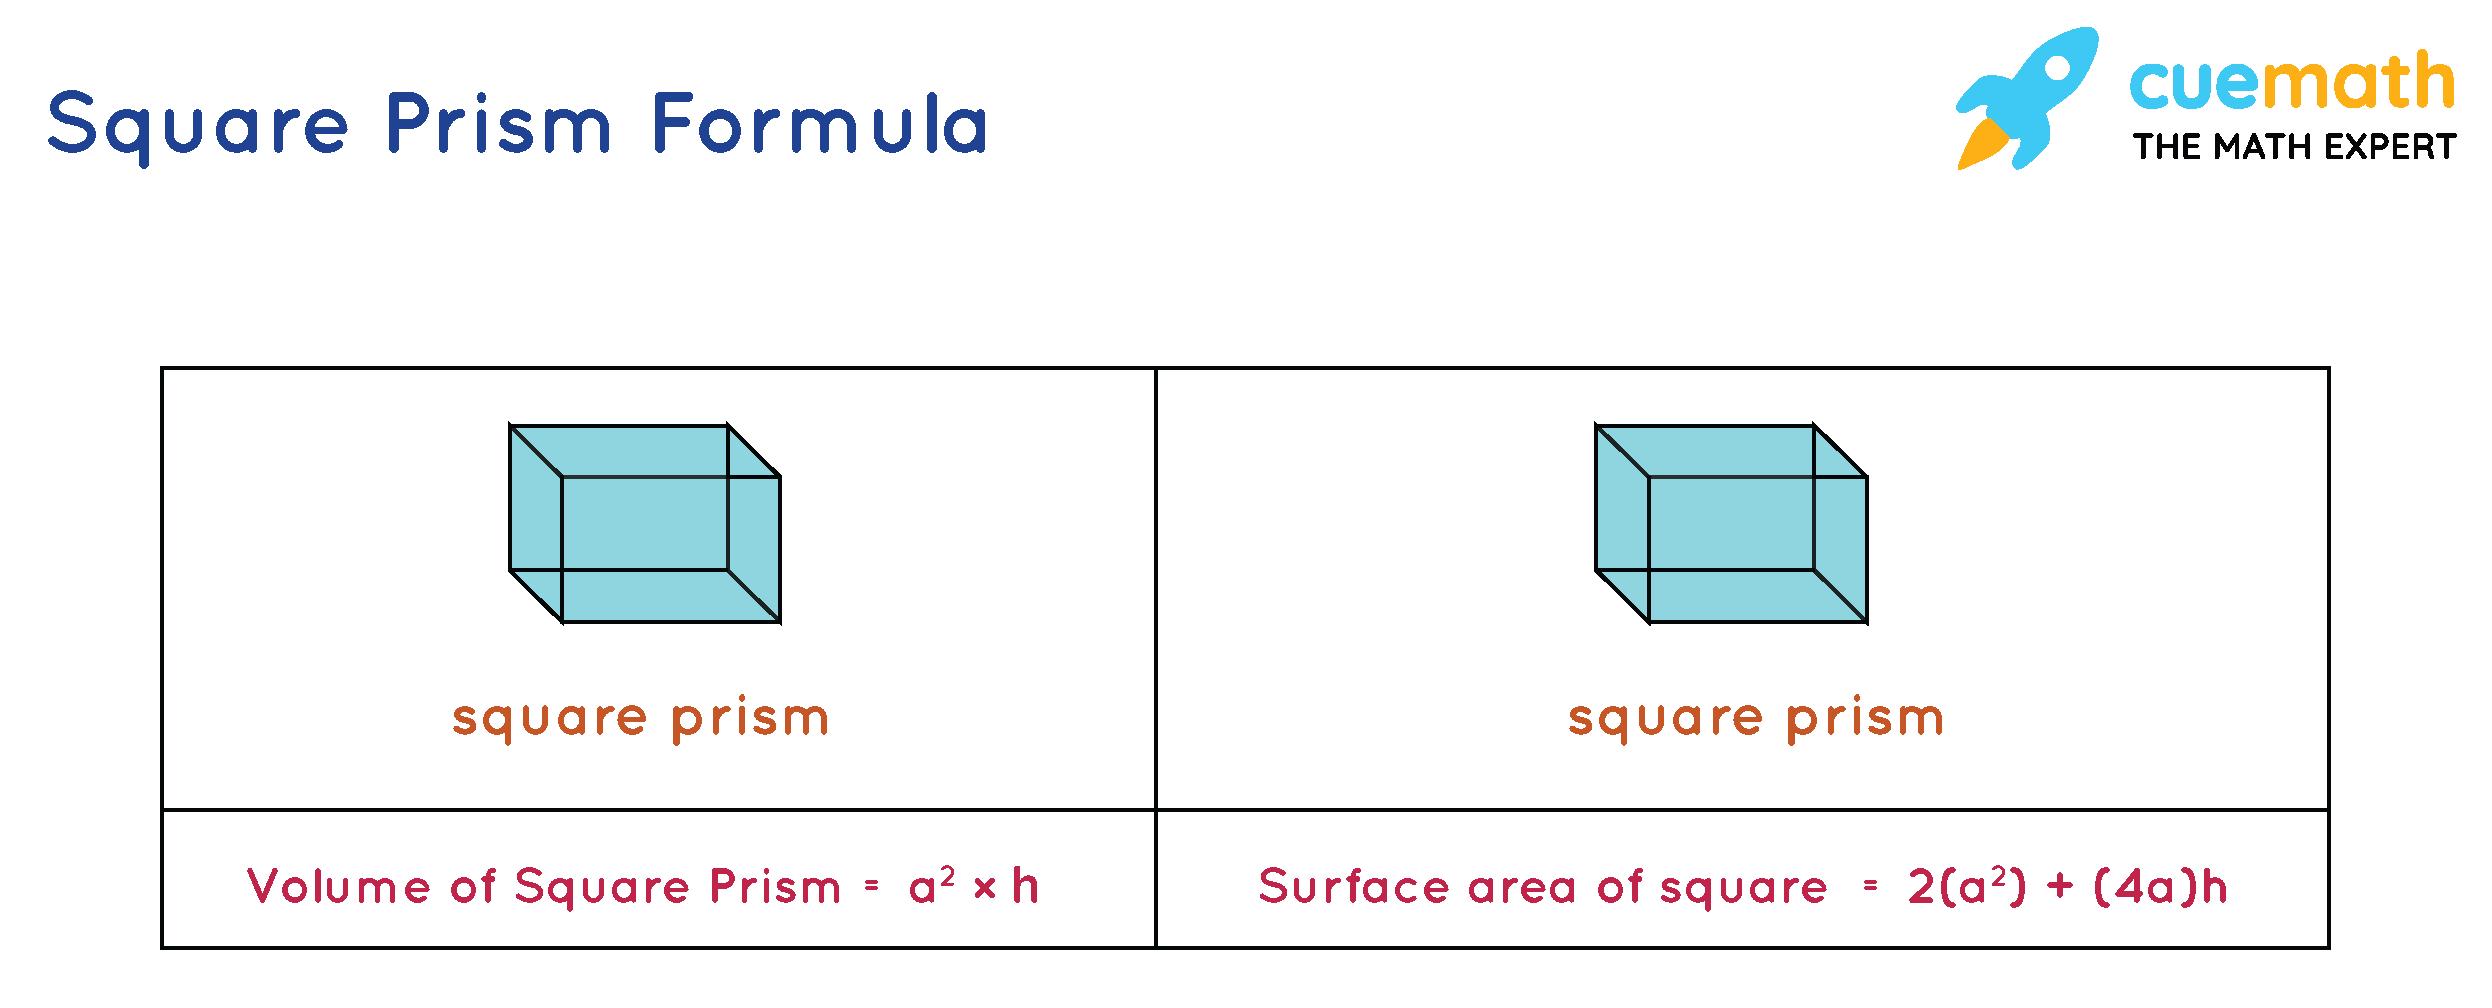 Square Prism Formula